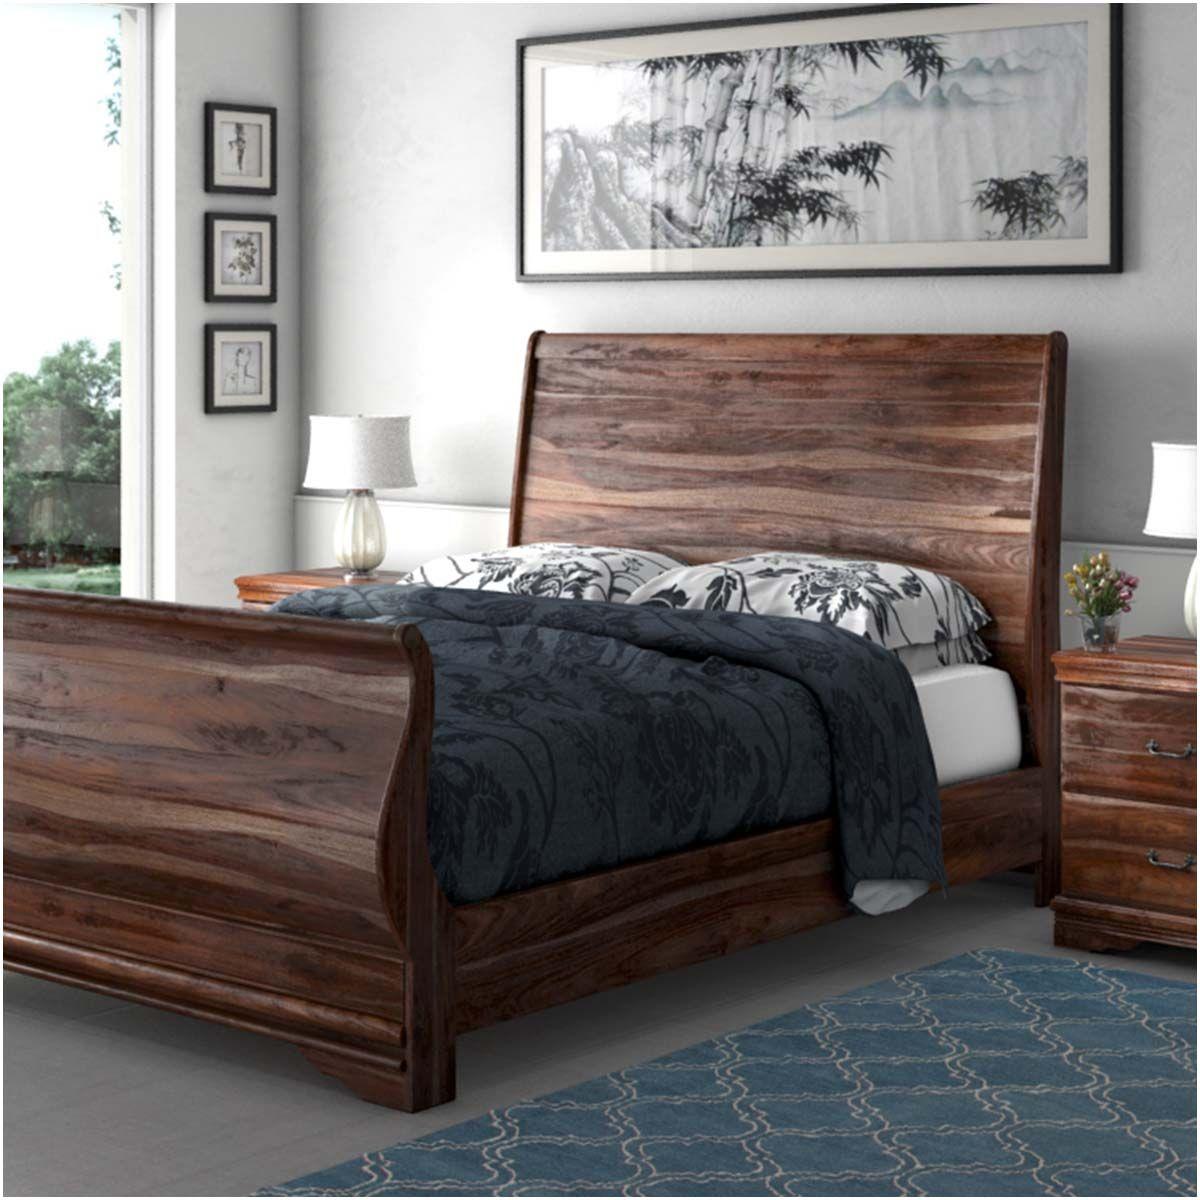 Sleigh Back Solid Wood Platform Bed 7pc Bedroom Furniture Set